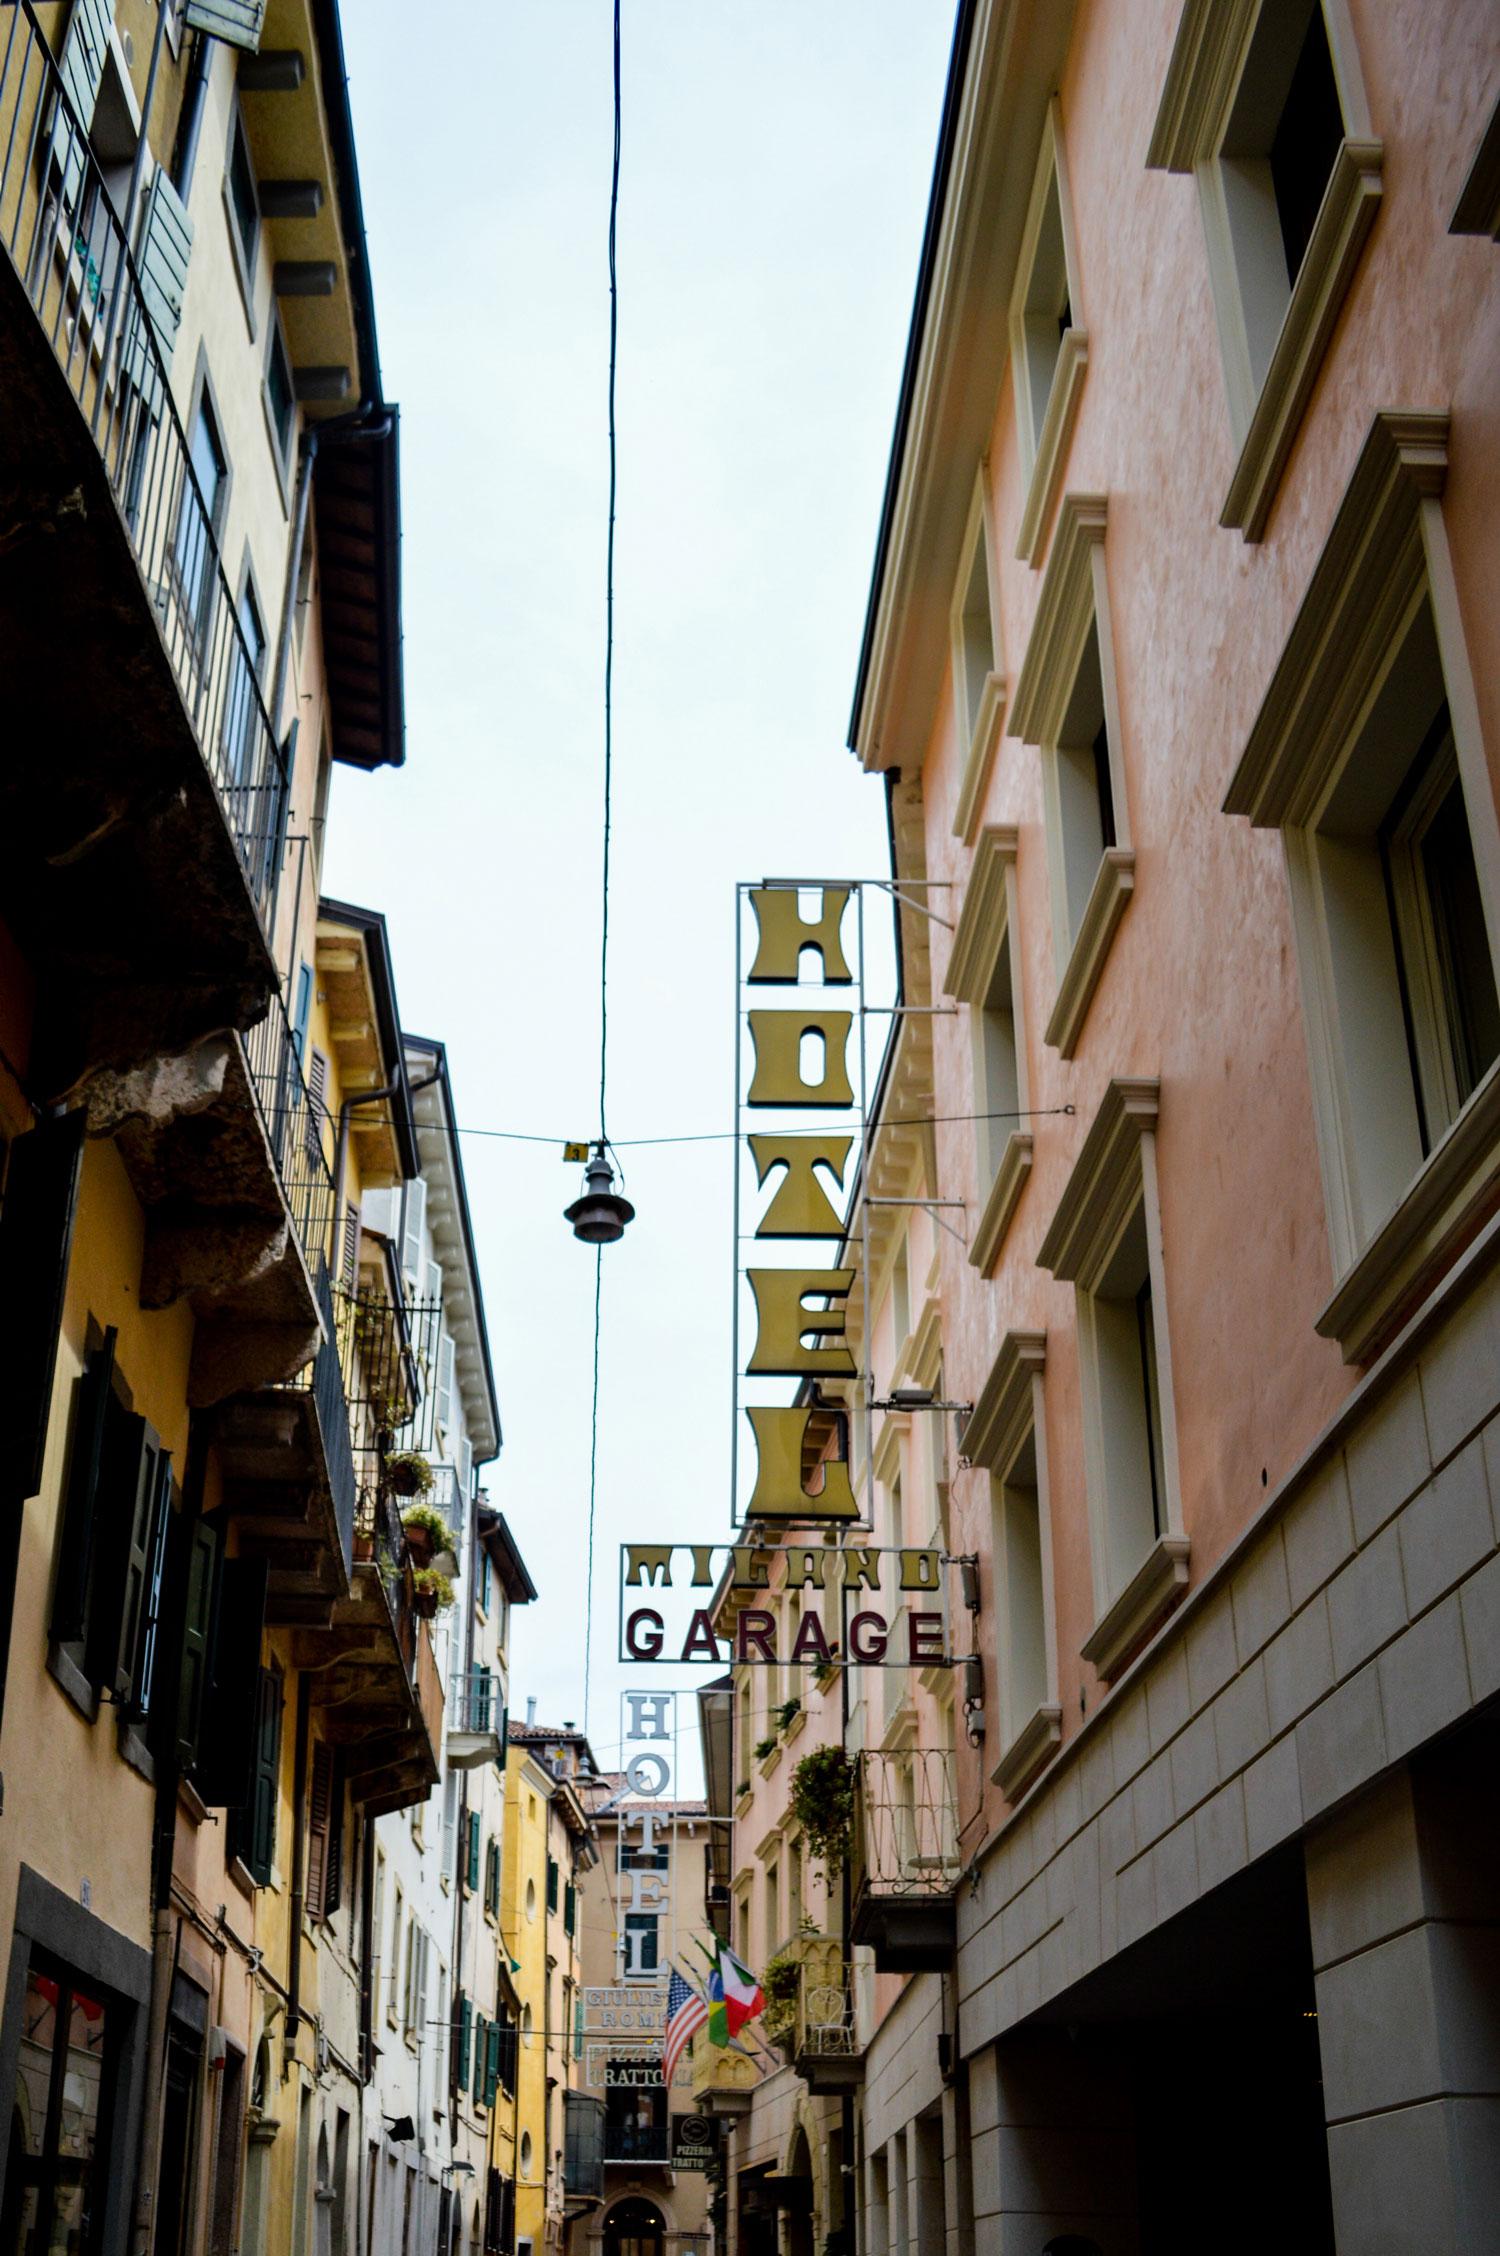 Genova, Italy, 2015